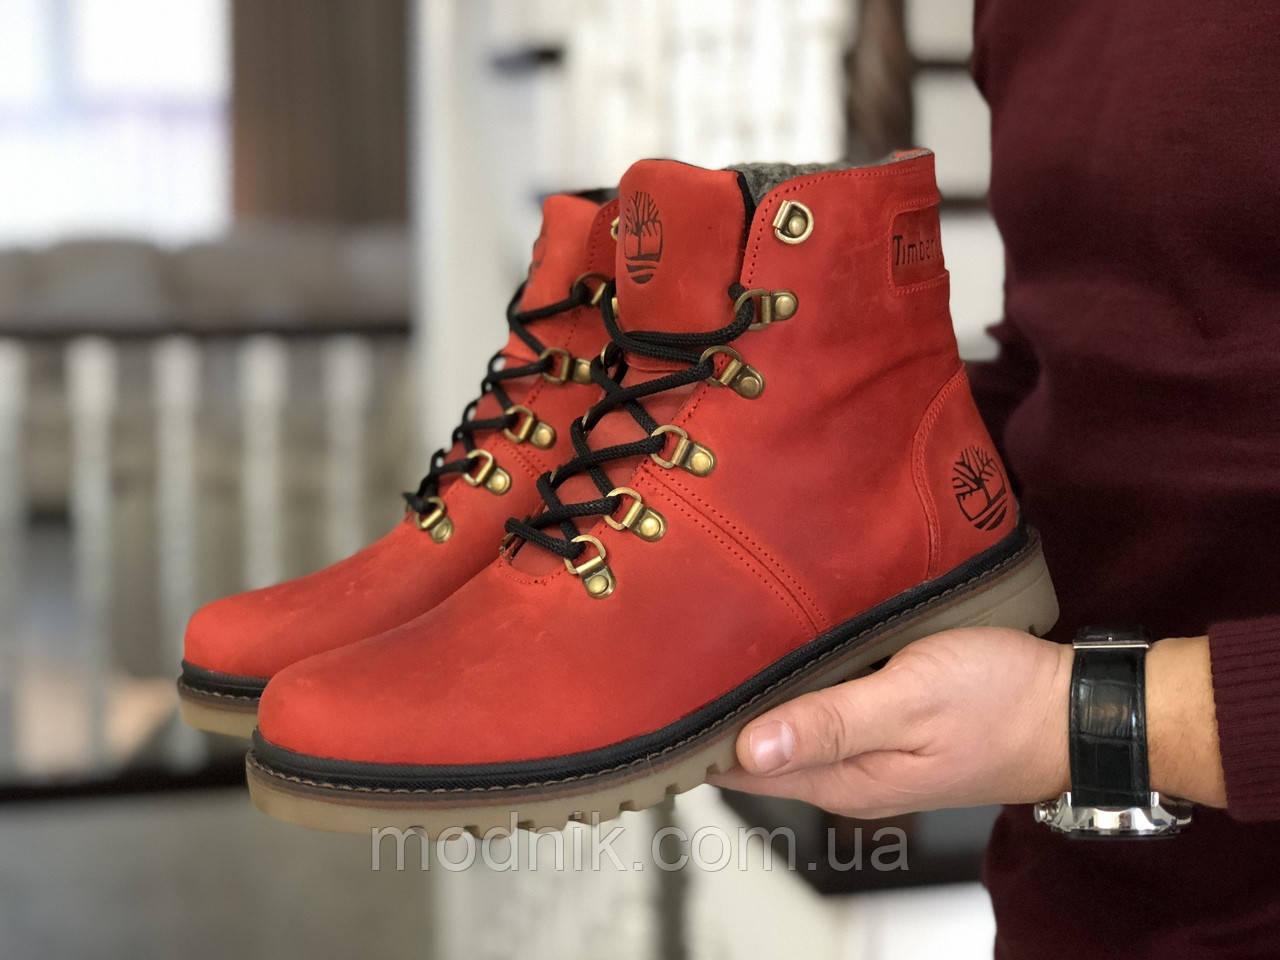 Мужские зимние ботинки Timberland (темно-красные)